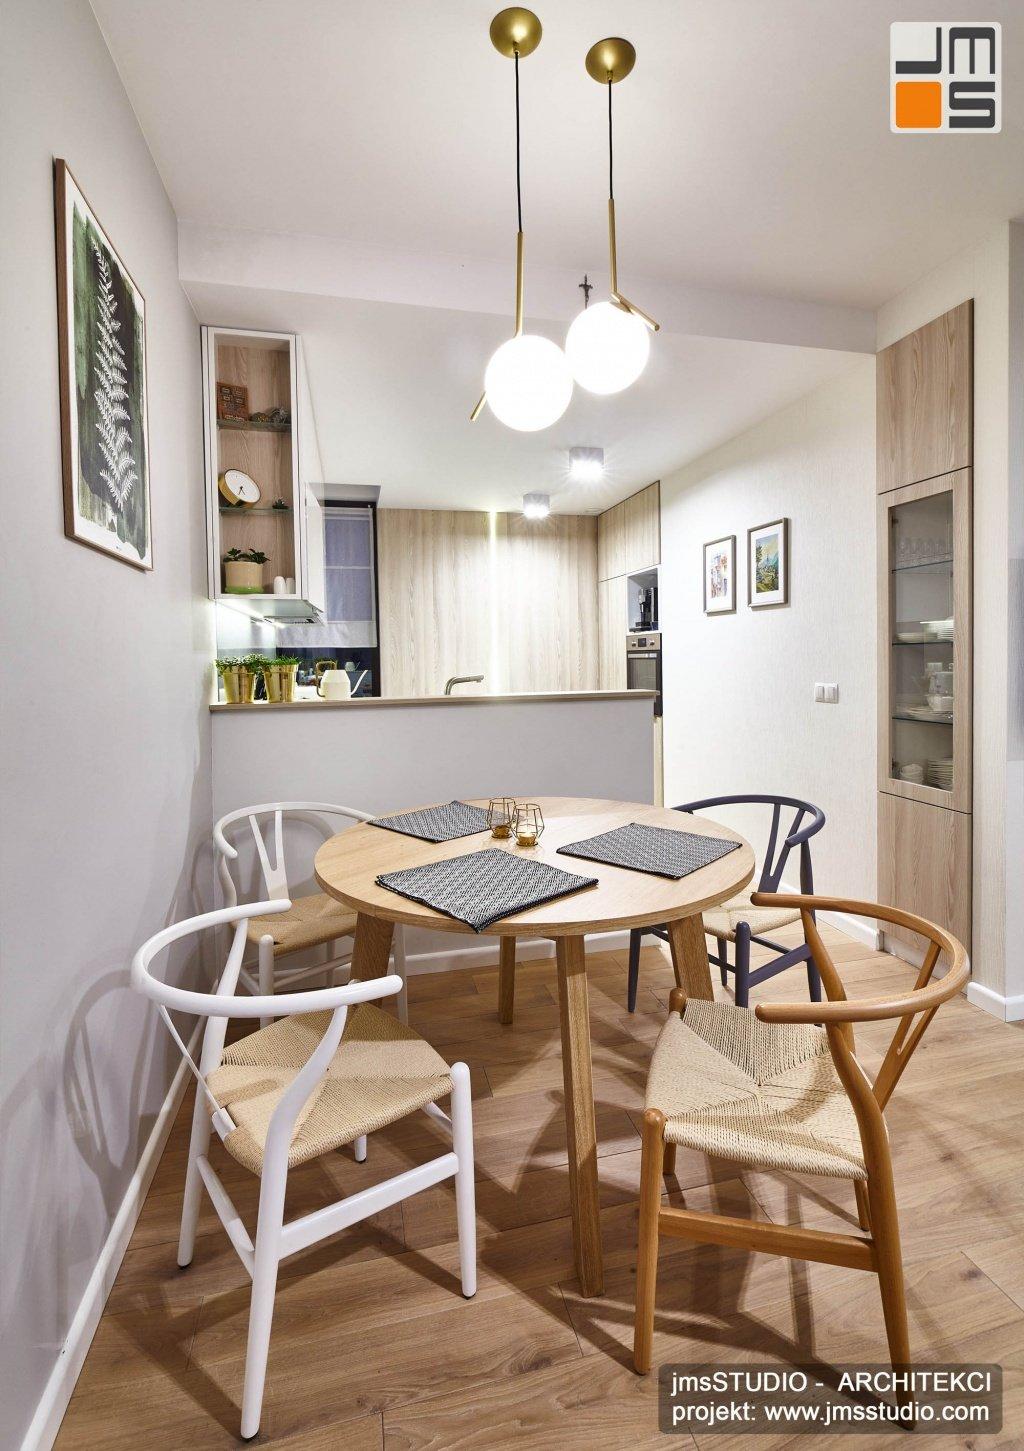 Pomysł na prosty projekt wnętrz nowoczesnej małej jadalni w stylu skandynawskim z eleganckimi lampami